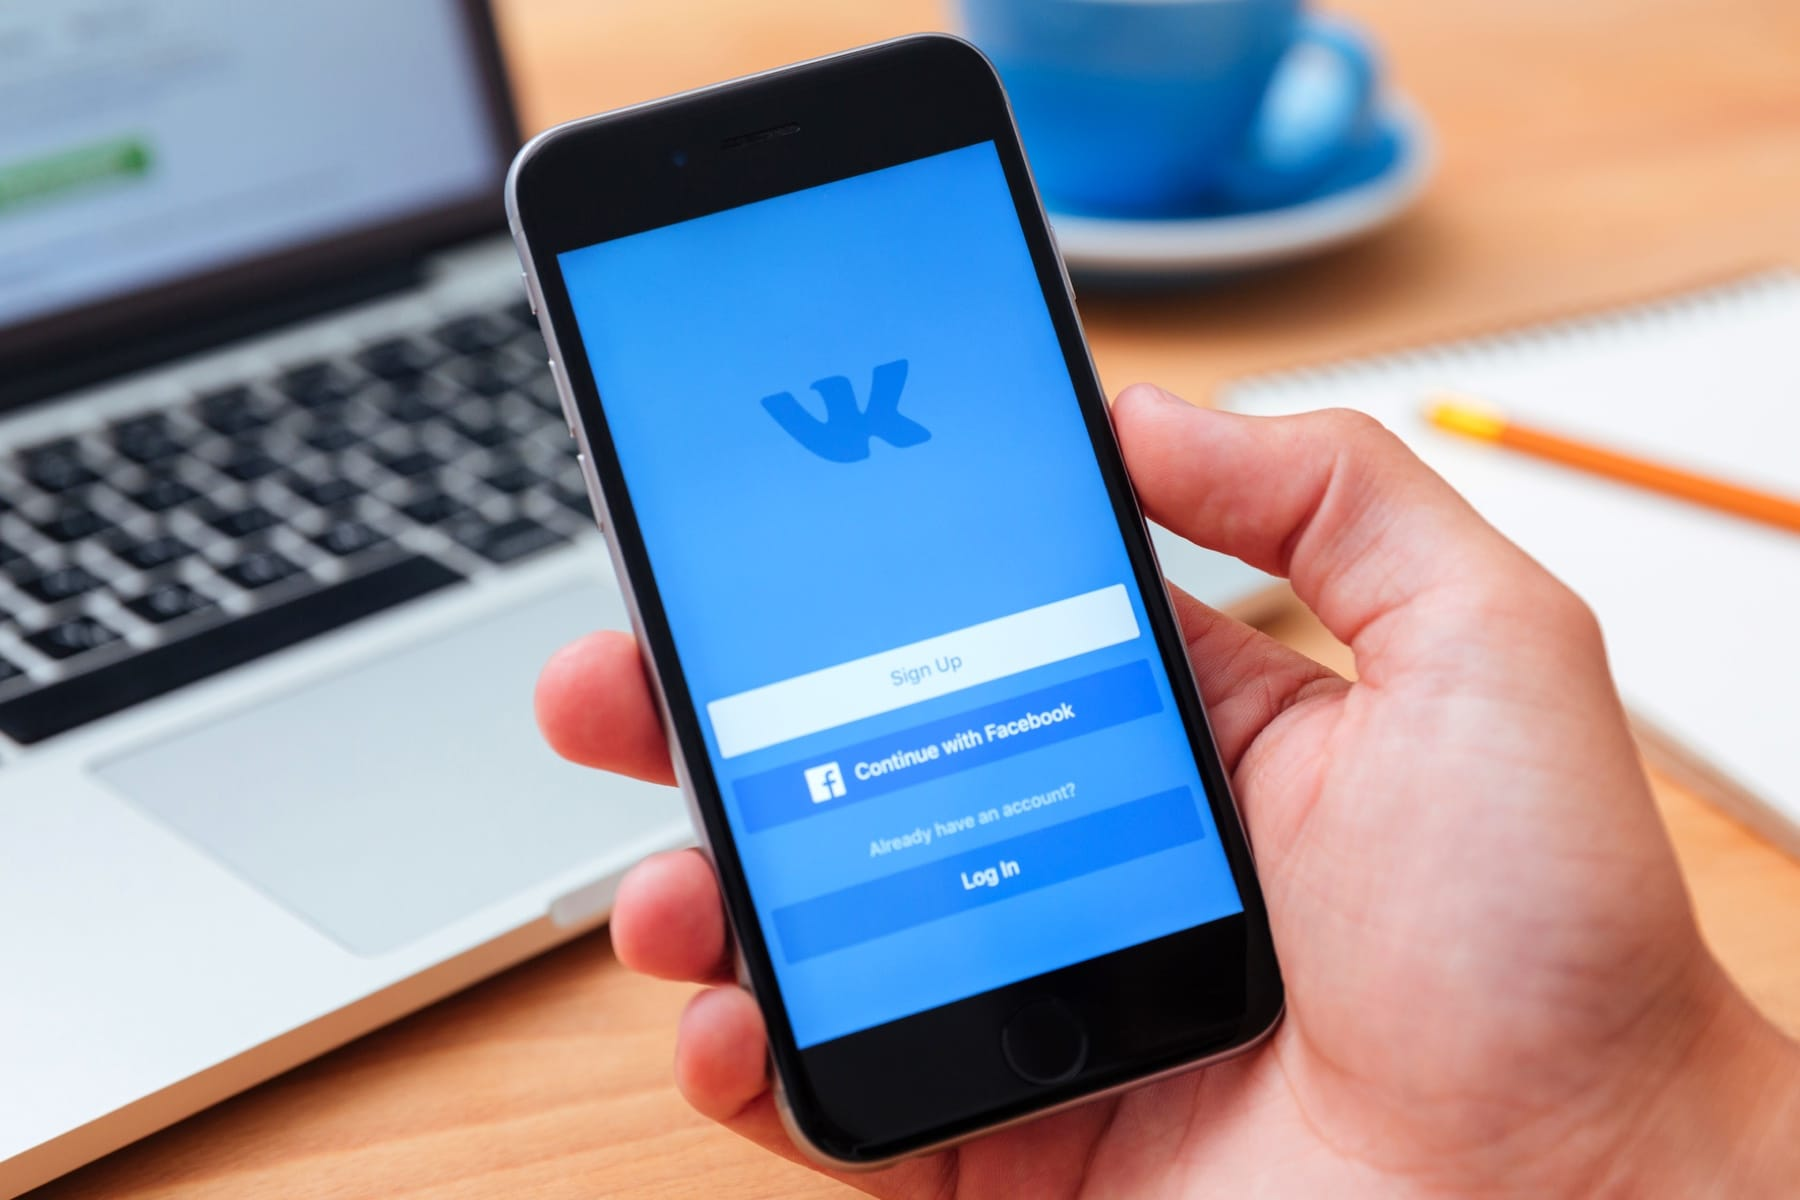 Заблокирован телефон Вконтакте что делать?